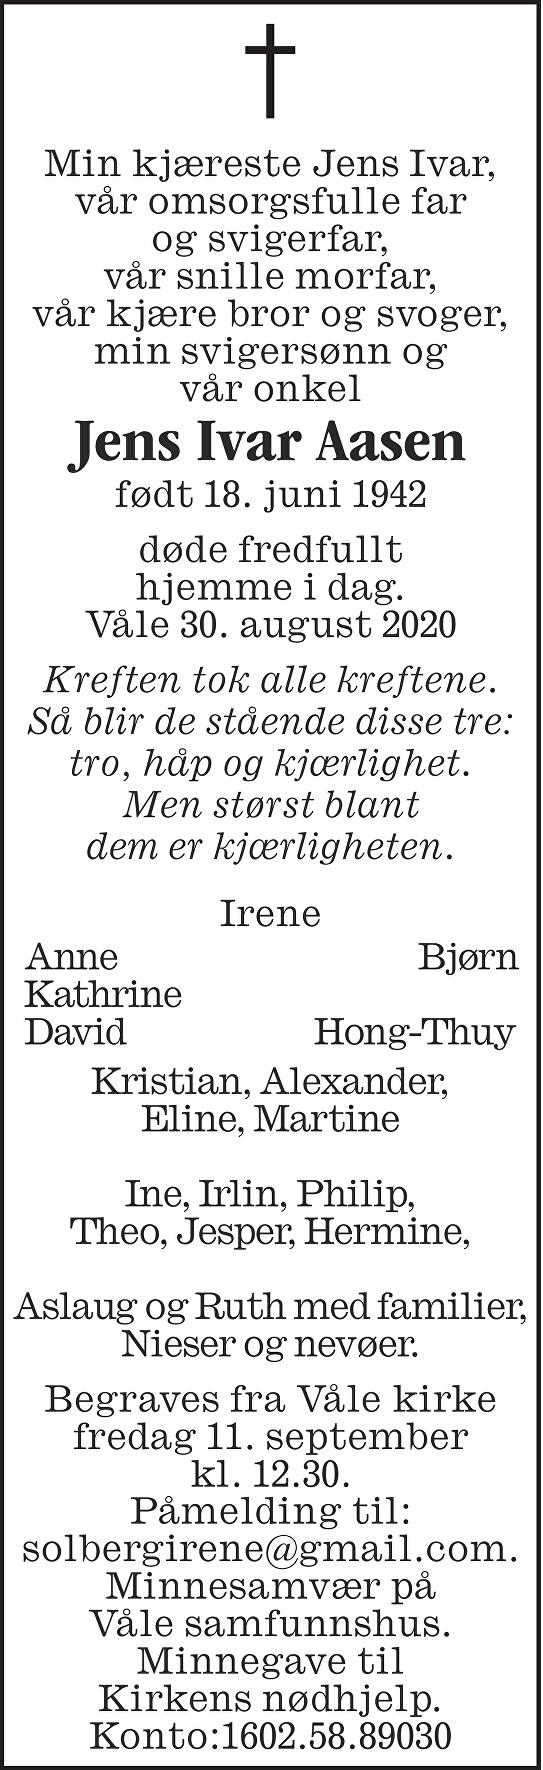 Jens Ivar Aasen Dødsannonse